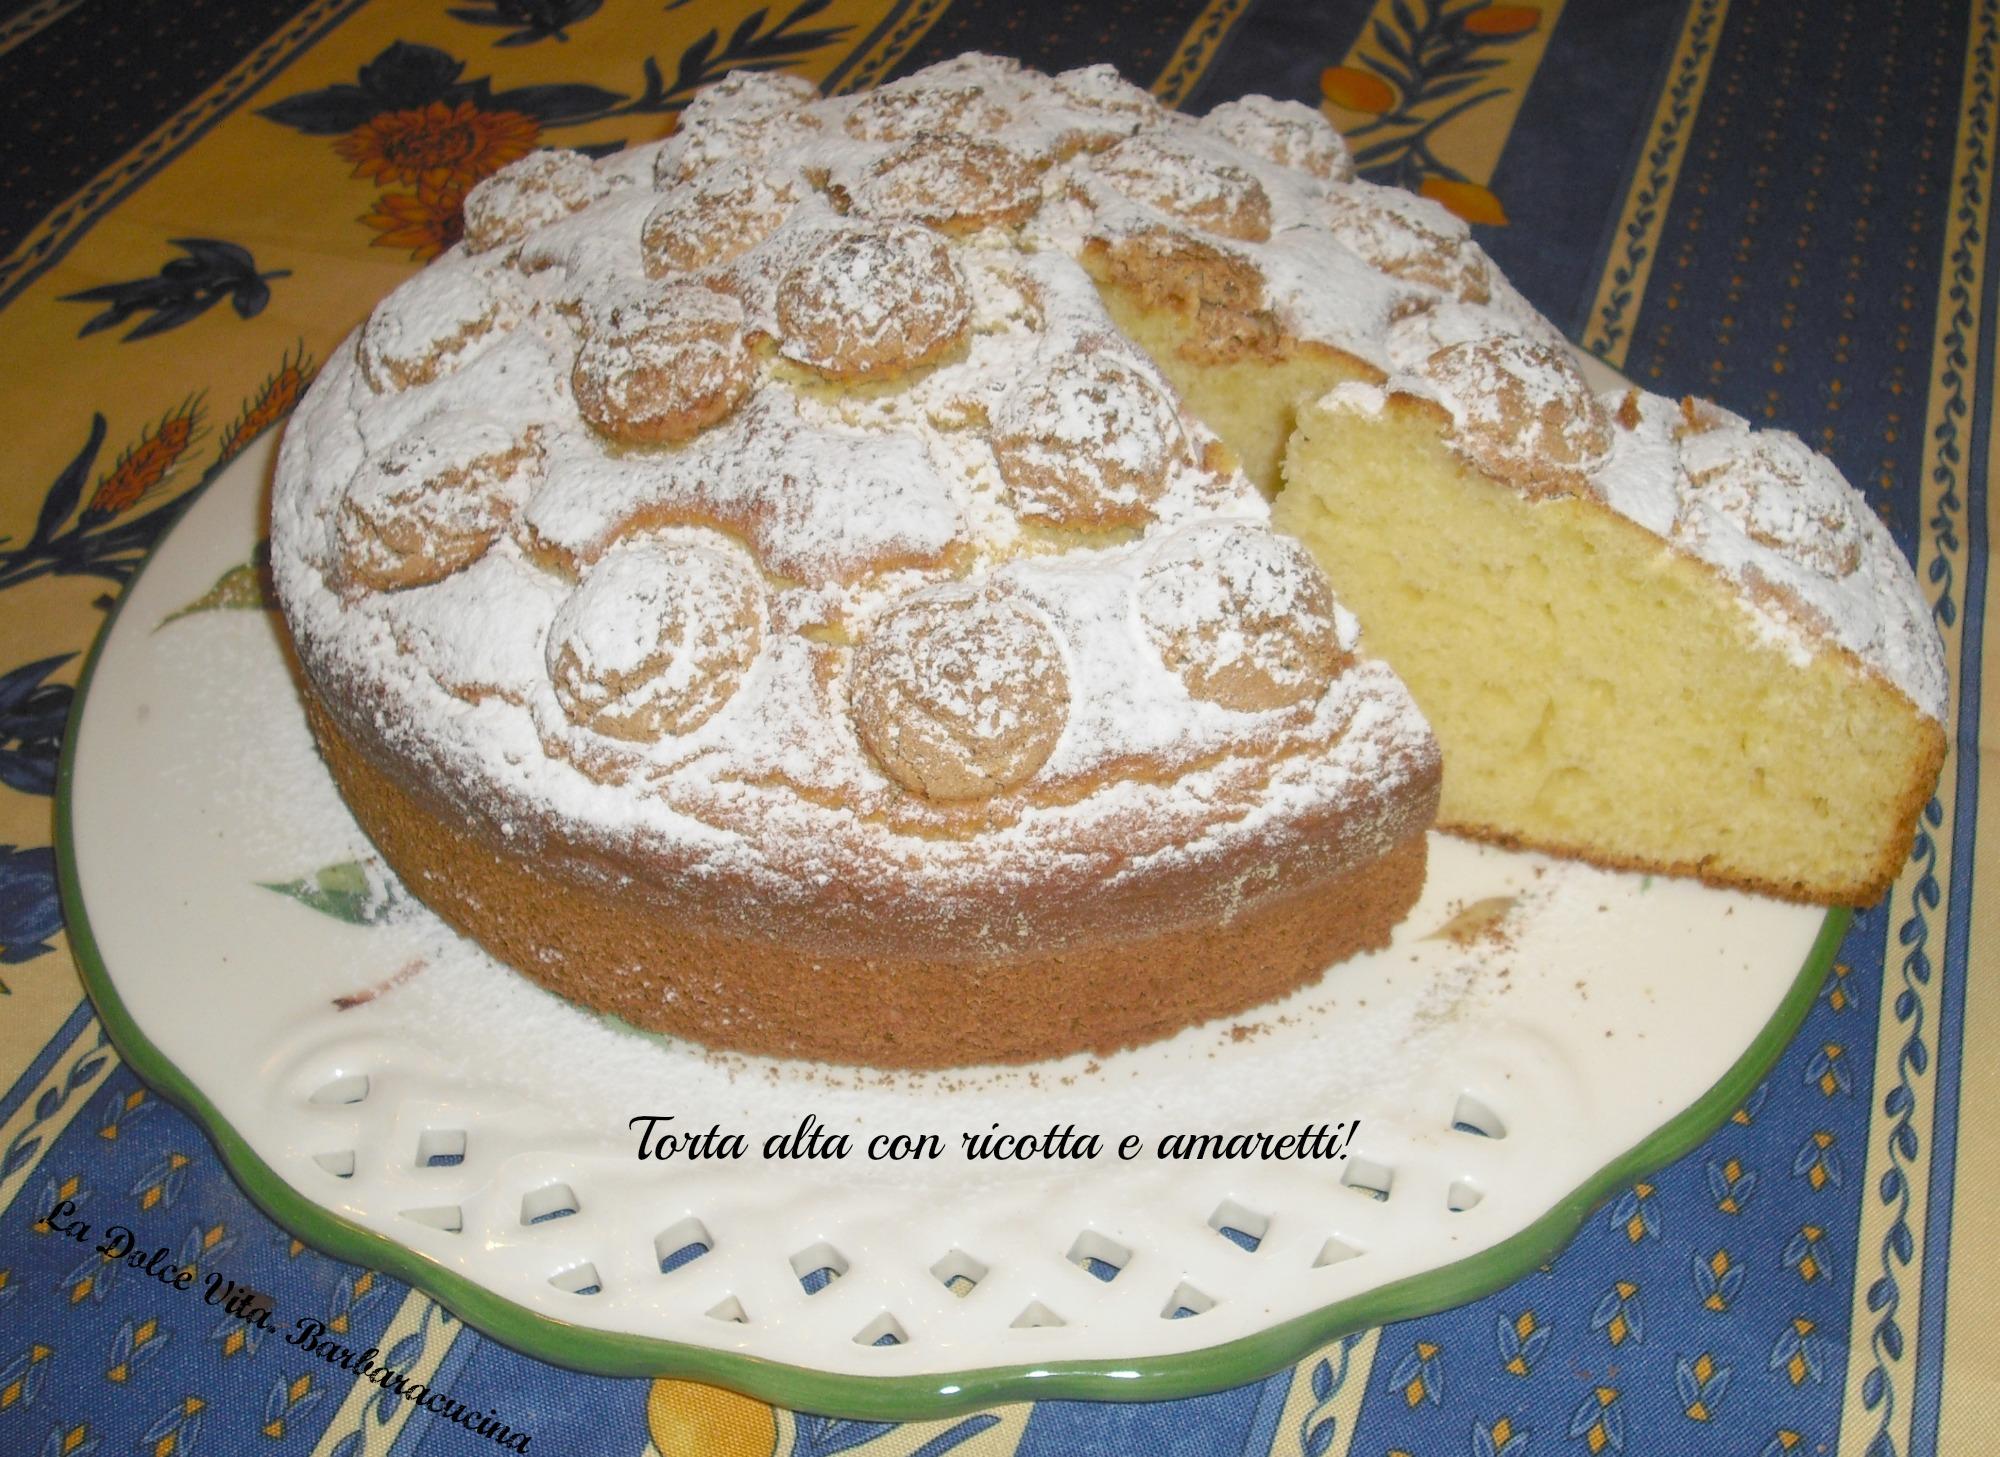 torta alta con ricotta e amaretti